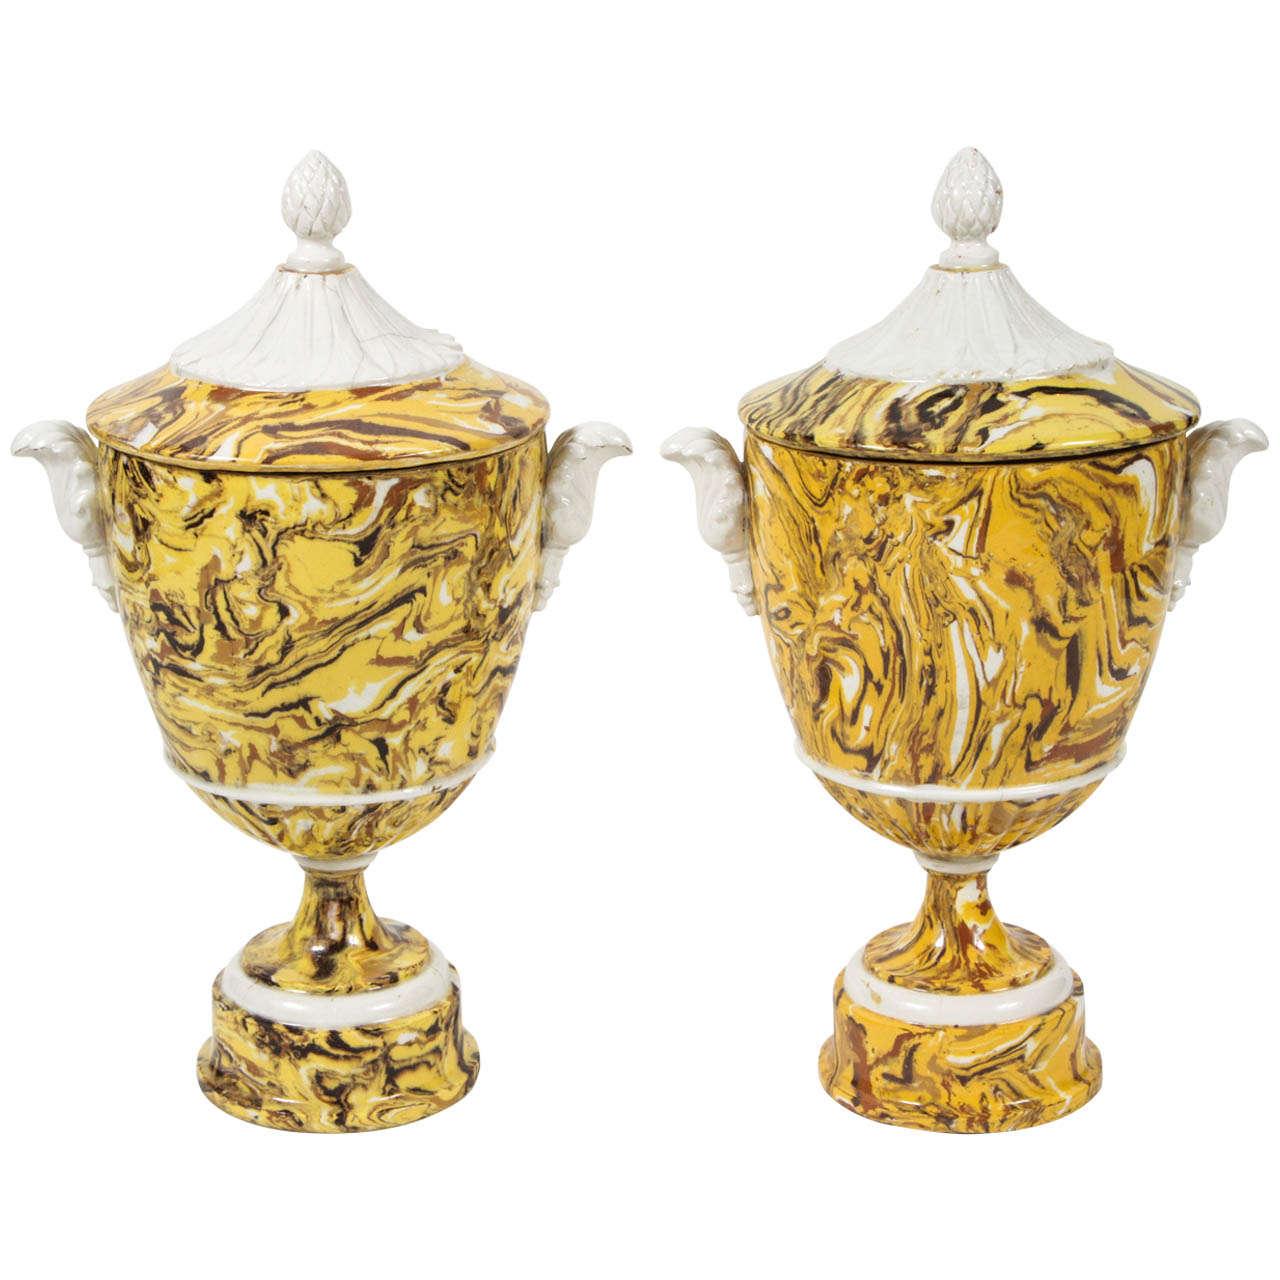 Pair of Lidded Terre Melee Urns